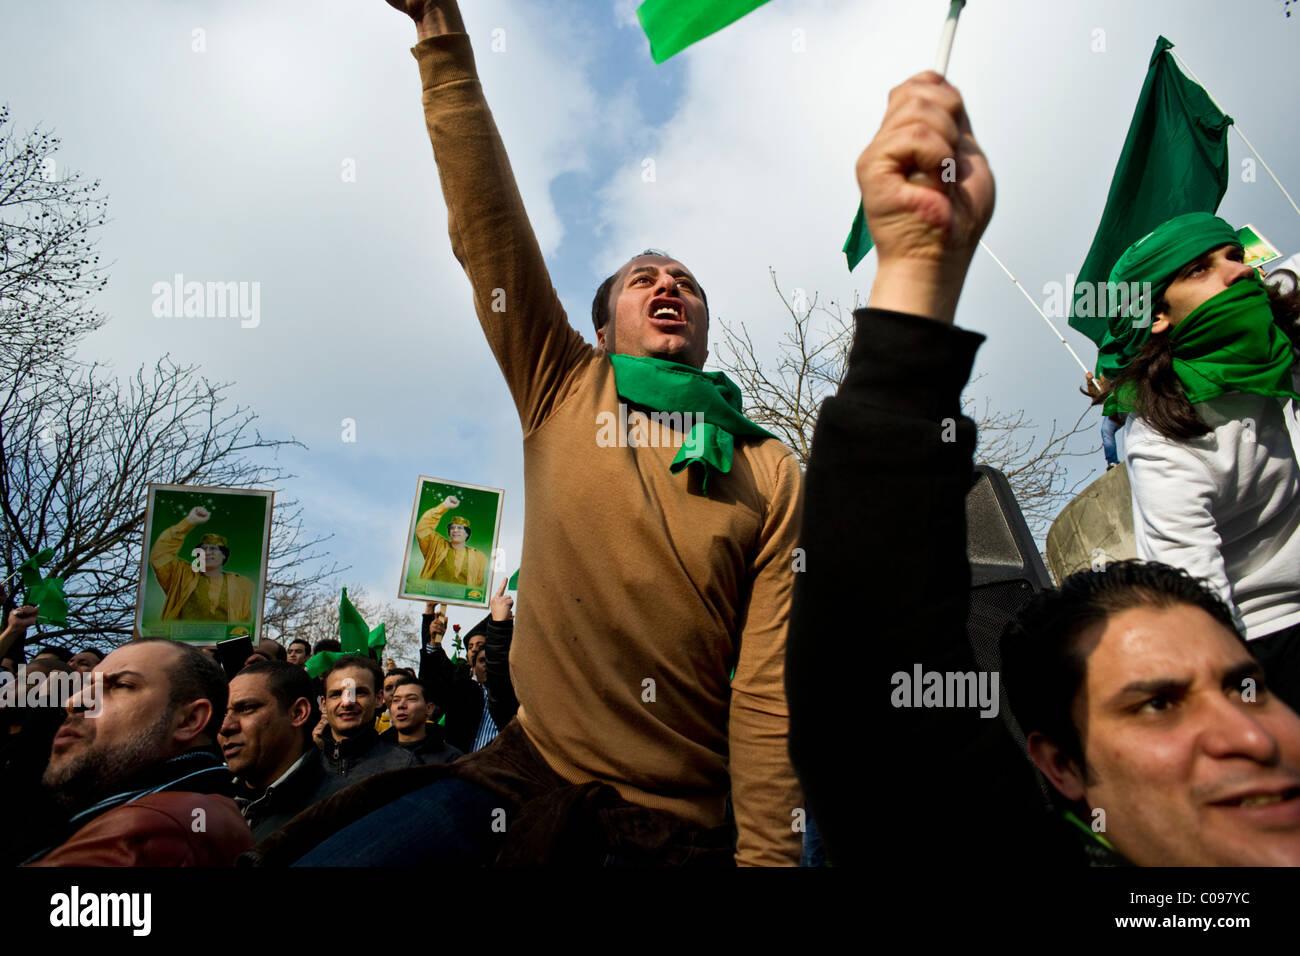 Pro Gaddafi demonstration, London February 2011 - Stock Image